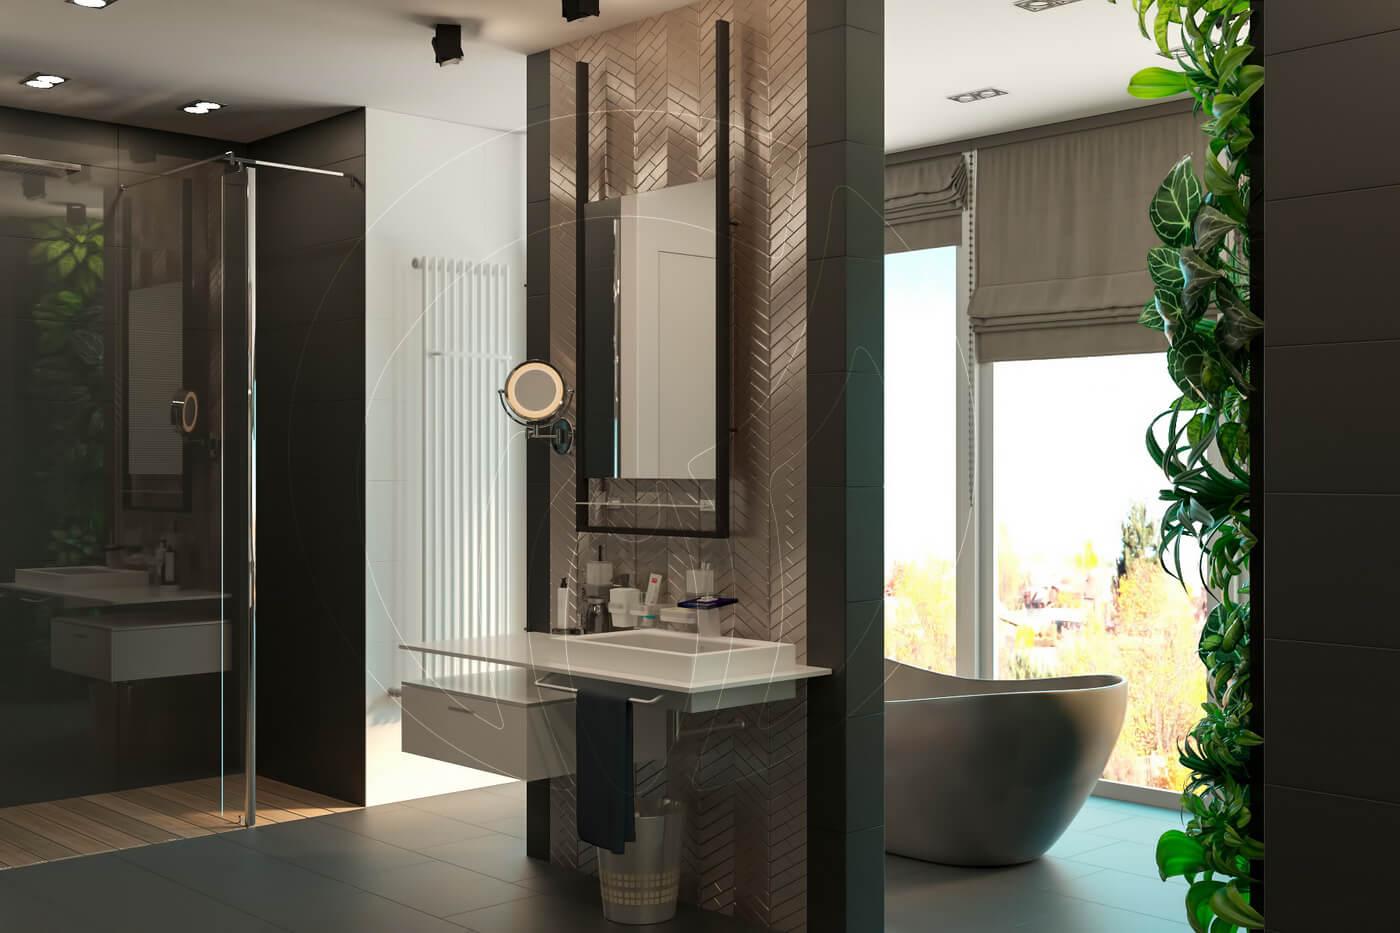 Загородный дом в современном стиле. Ванная комната. Умывальник